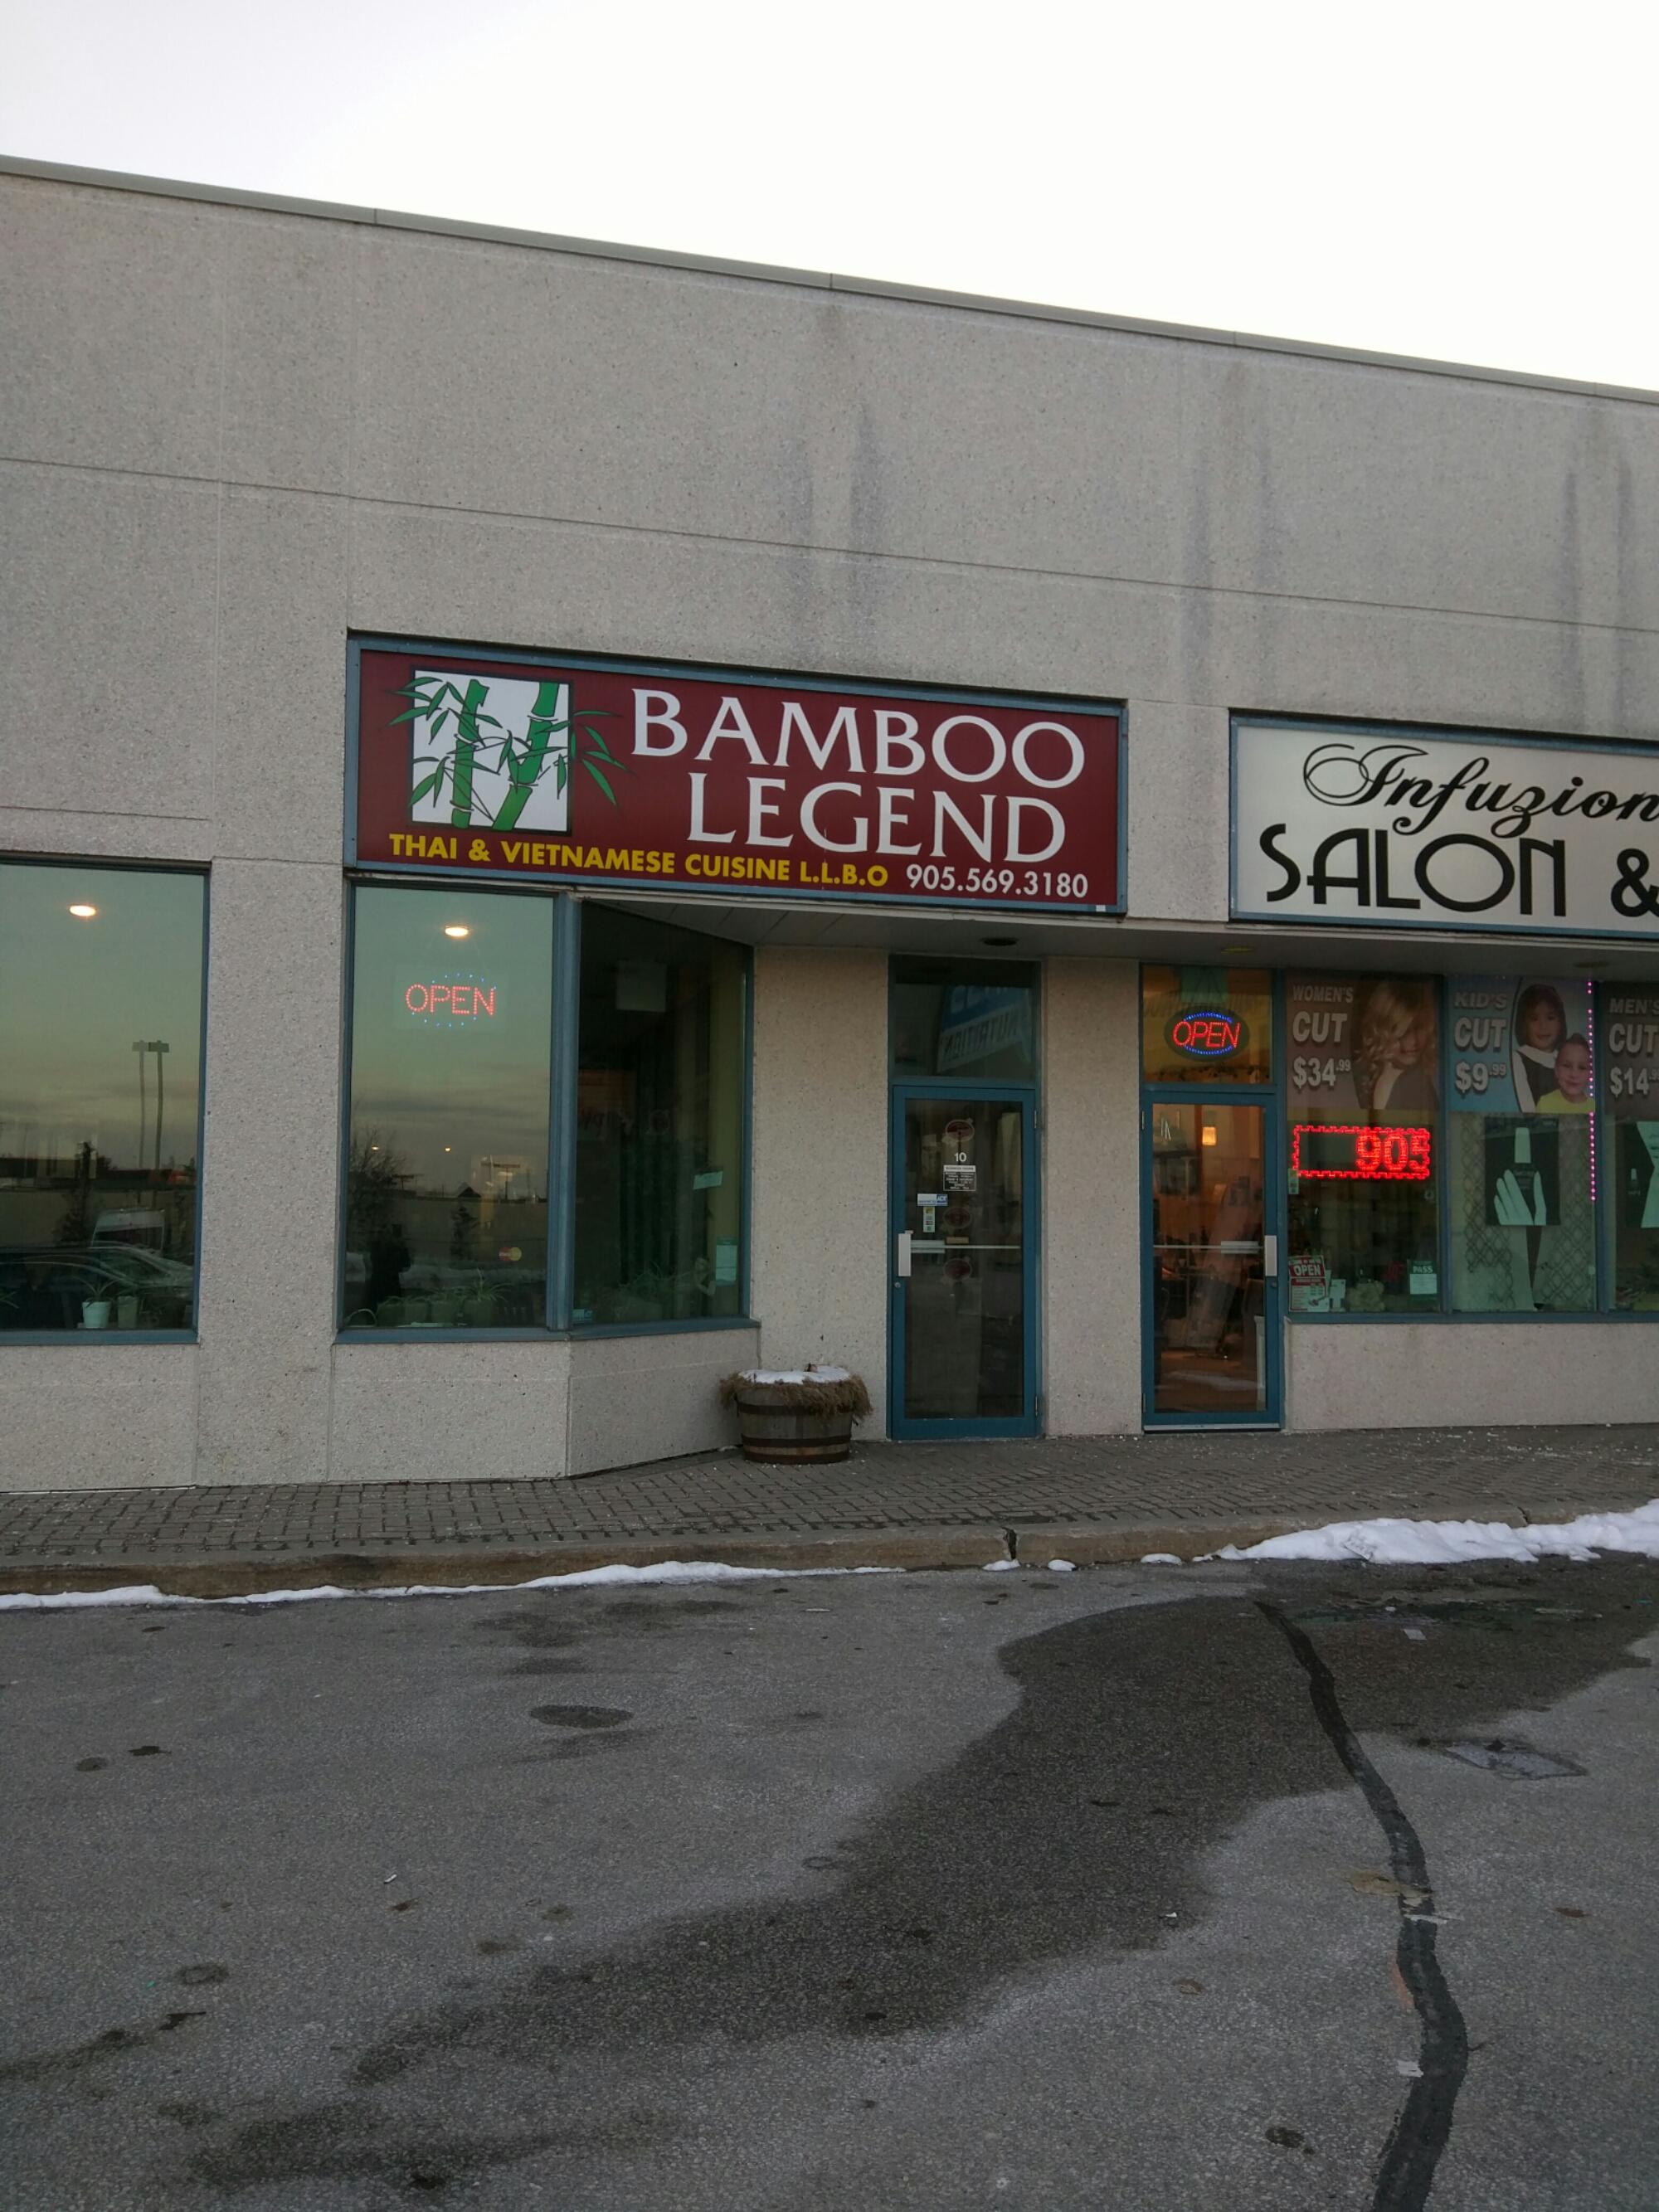 3da6f46c6cce Bamboo Legend – Reggie The Food Critic